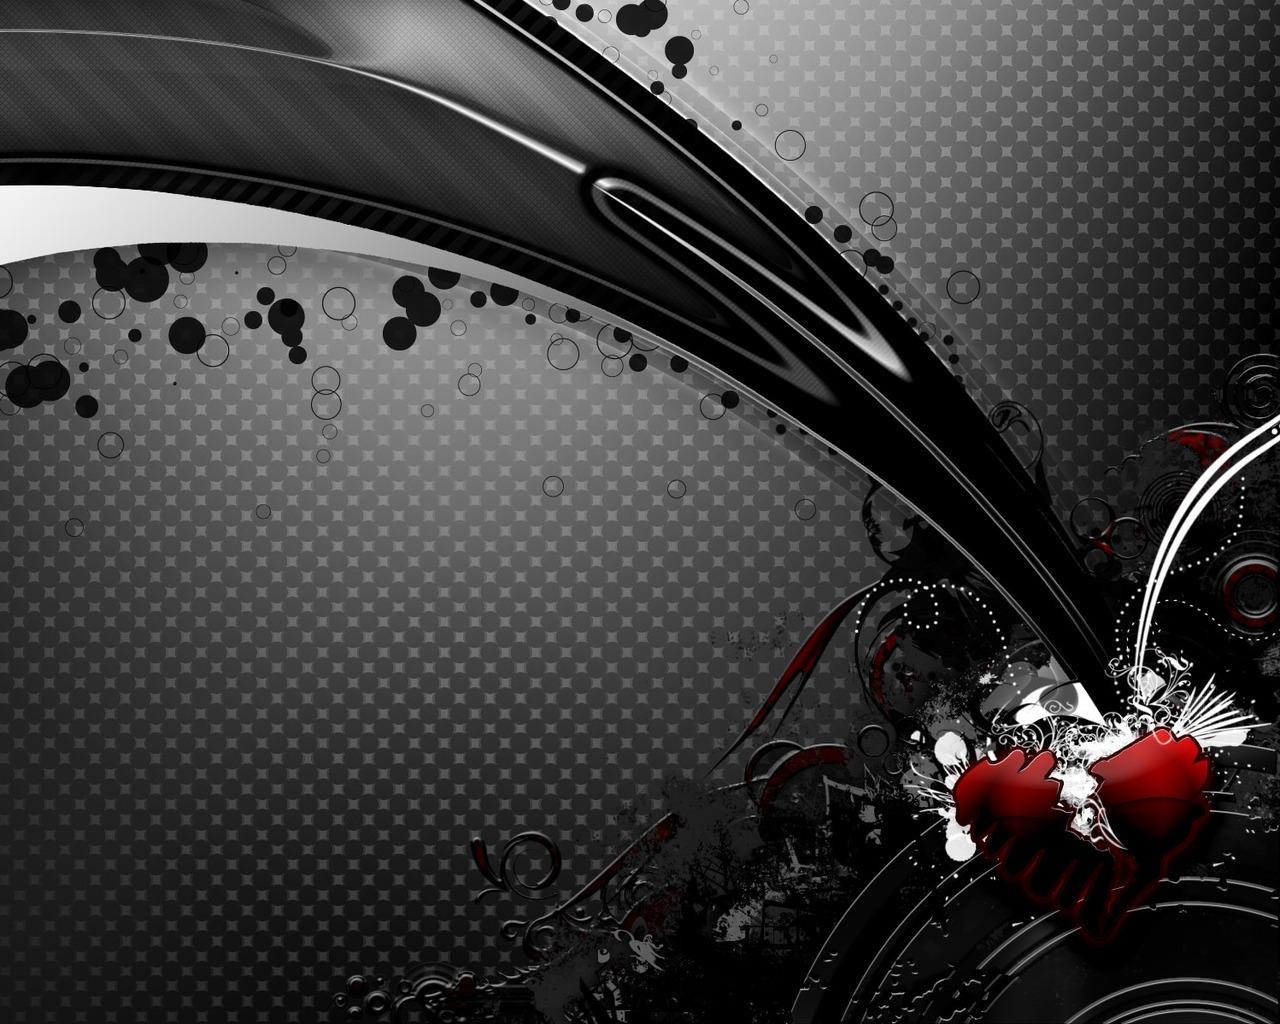 http://3.bp.blogspot.com/-k06CdOETb08/T2HUWZ3GqUI/AAAAAAAAAN8/o3AWgTB8ew4/s1600/Black%2BLove%2BWallpaper.jpg